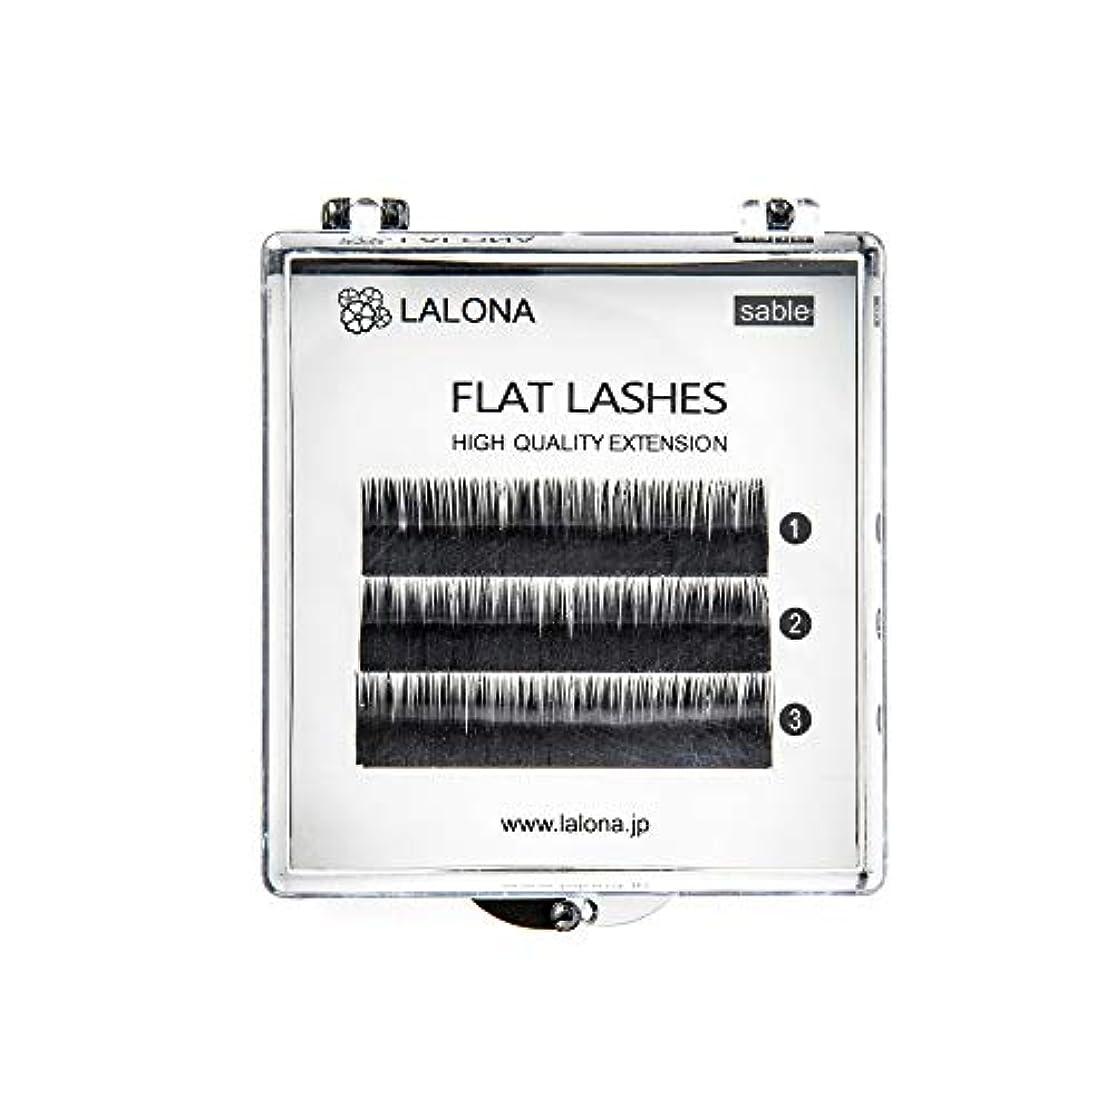 わずかな収縮勘違いするLALONA [ ラローナ ] フラットラッシュ (BLK) (3列) まつげエクステ 平面加工 Lディテール ブラック (Cカール 0.1 / 10mm)